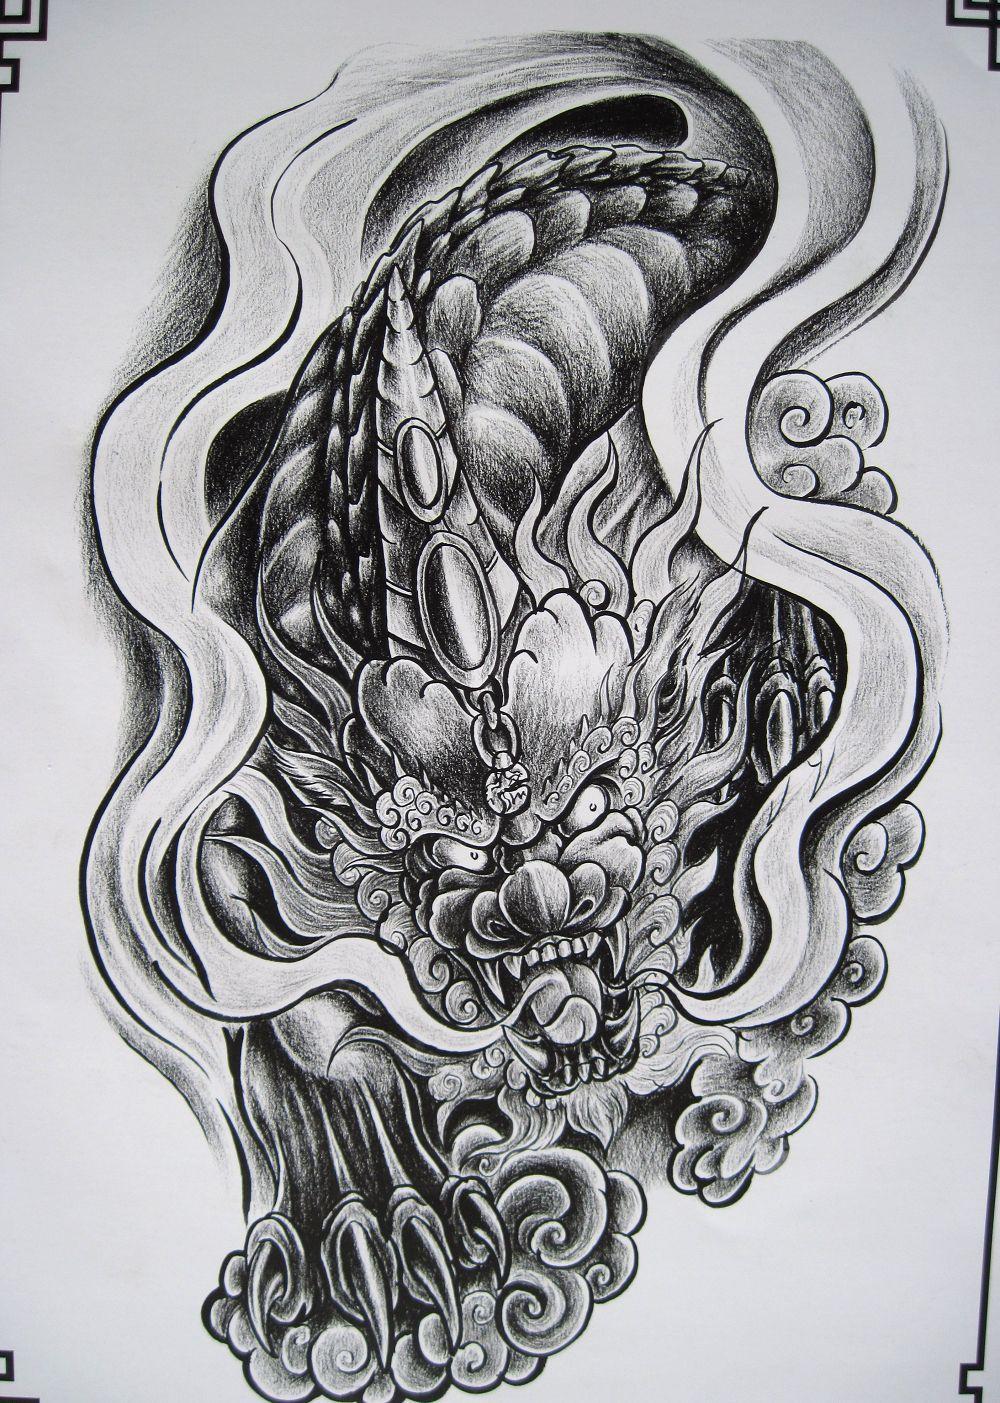 Design Tattoo Pdf Phac Thảo Hinh Xăm Hinh Xăm Mực Hinh Xăm Nhật